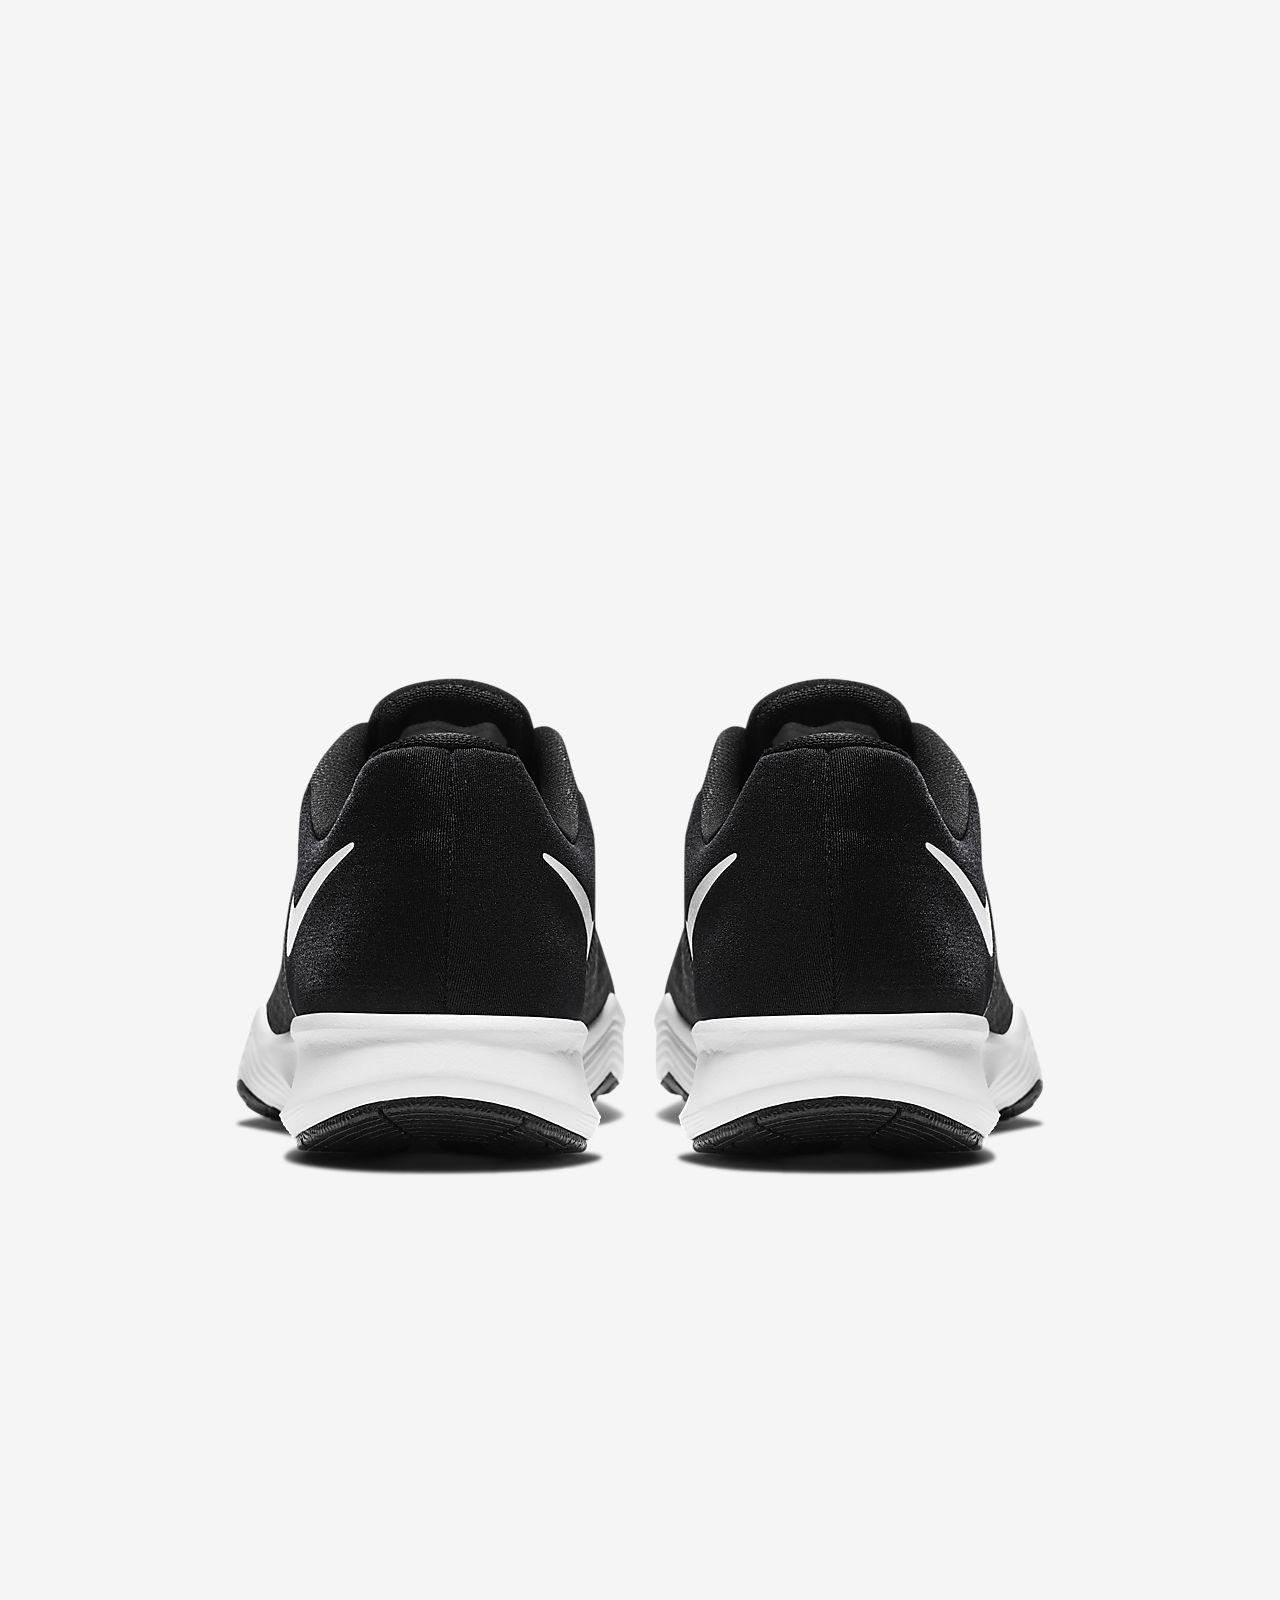 53b2e82a440f3 Nike City Trainer 2 Women s Training Shoe. Nike.com NO